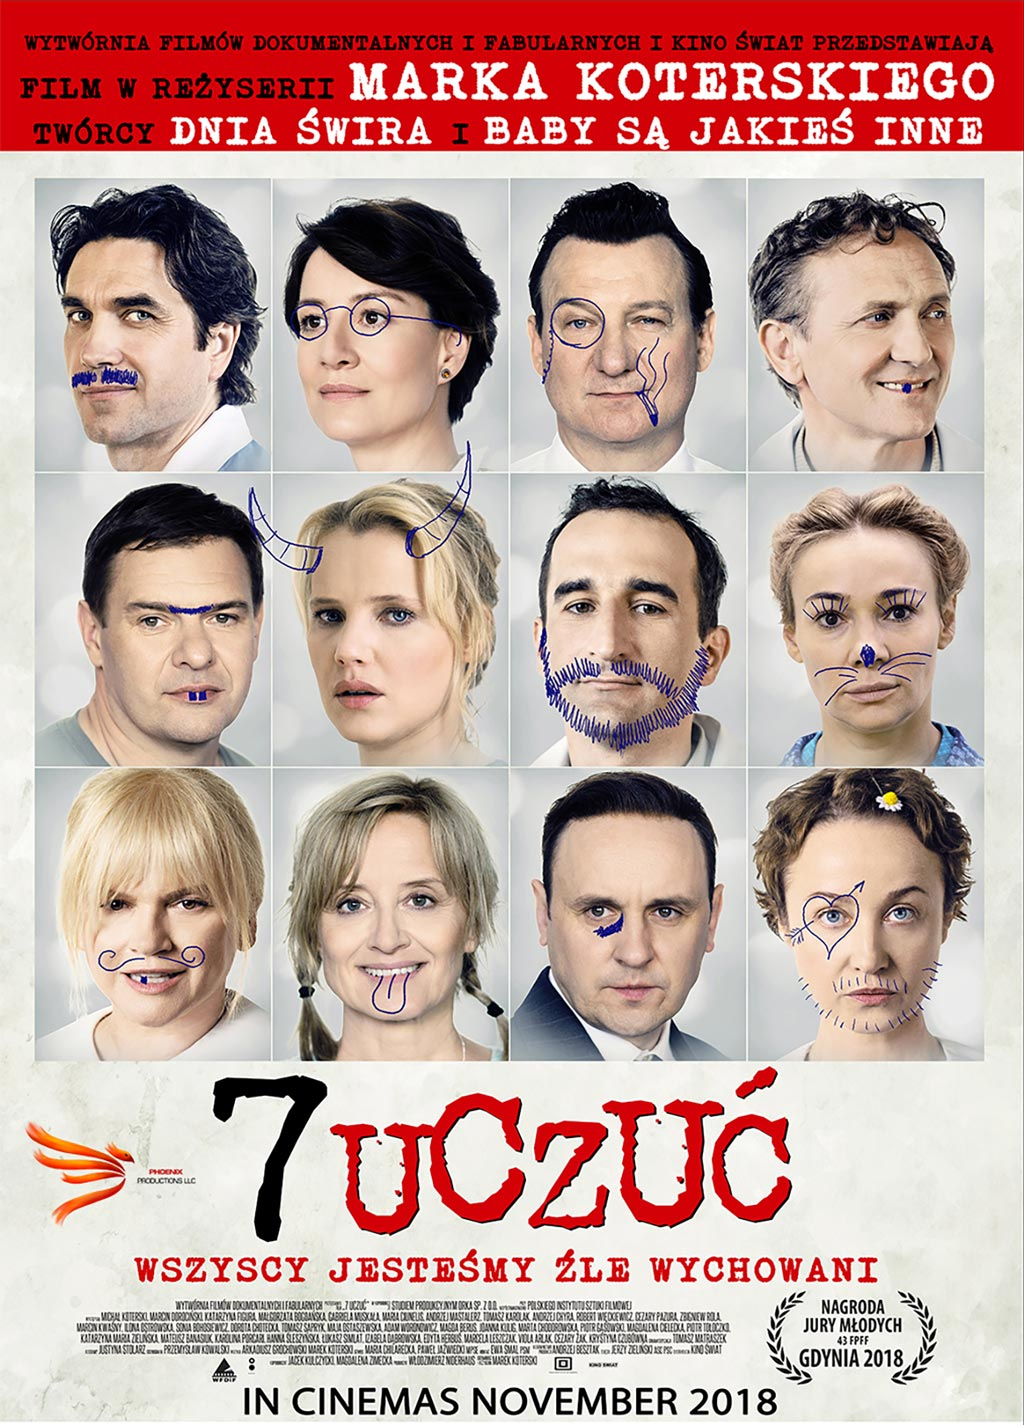 7 Uczuć w kinach w UK